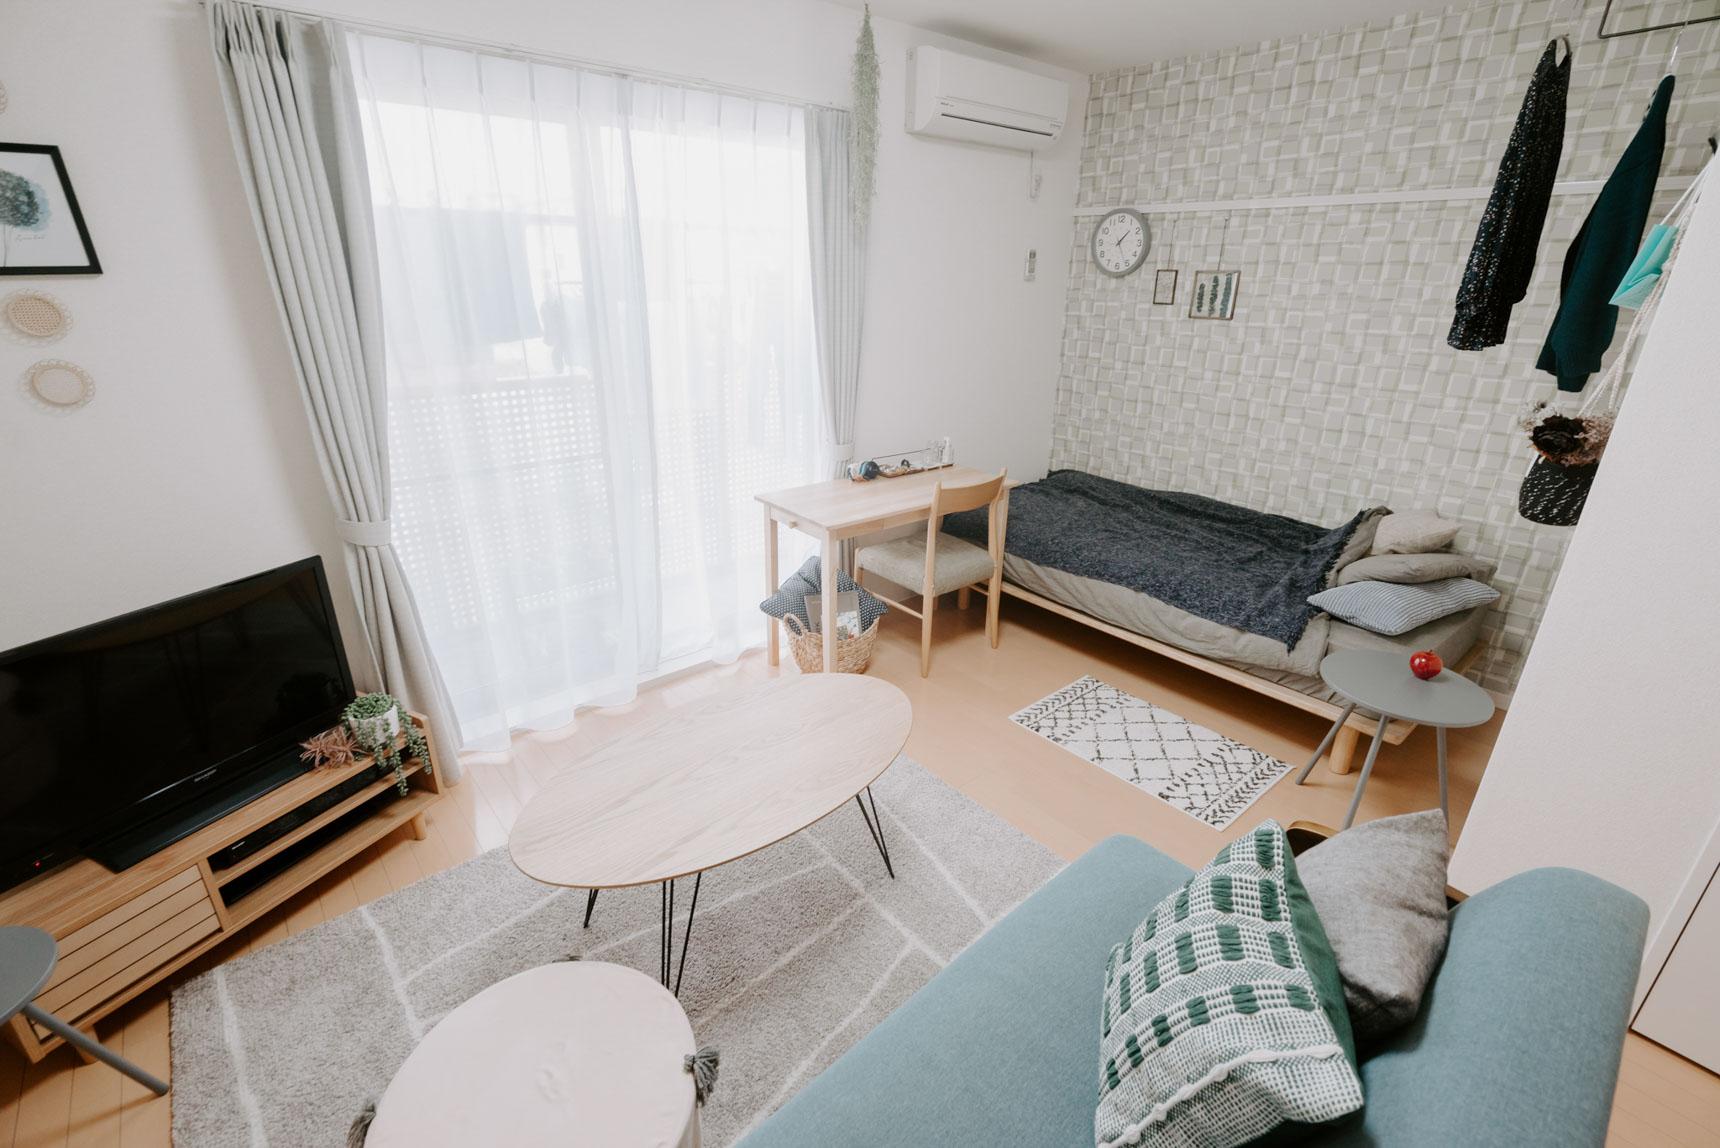 お部屋に入って正面は窓。ベッドは壁につけてぴったりと収まる位置に置けるので、視線や動線を遮ることなく、お部屋を広く快適に使えるんですね。